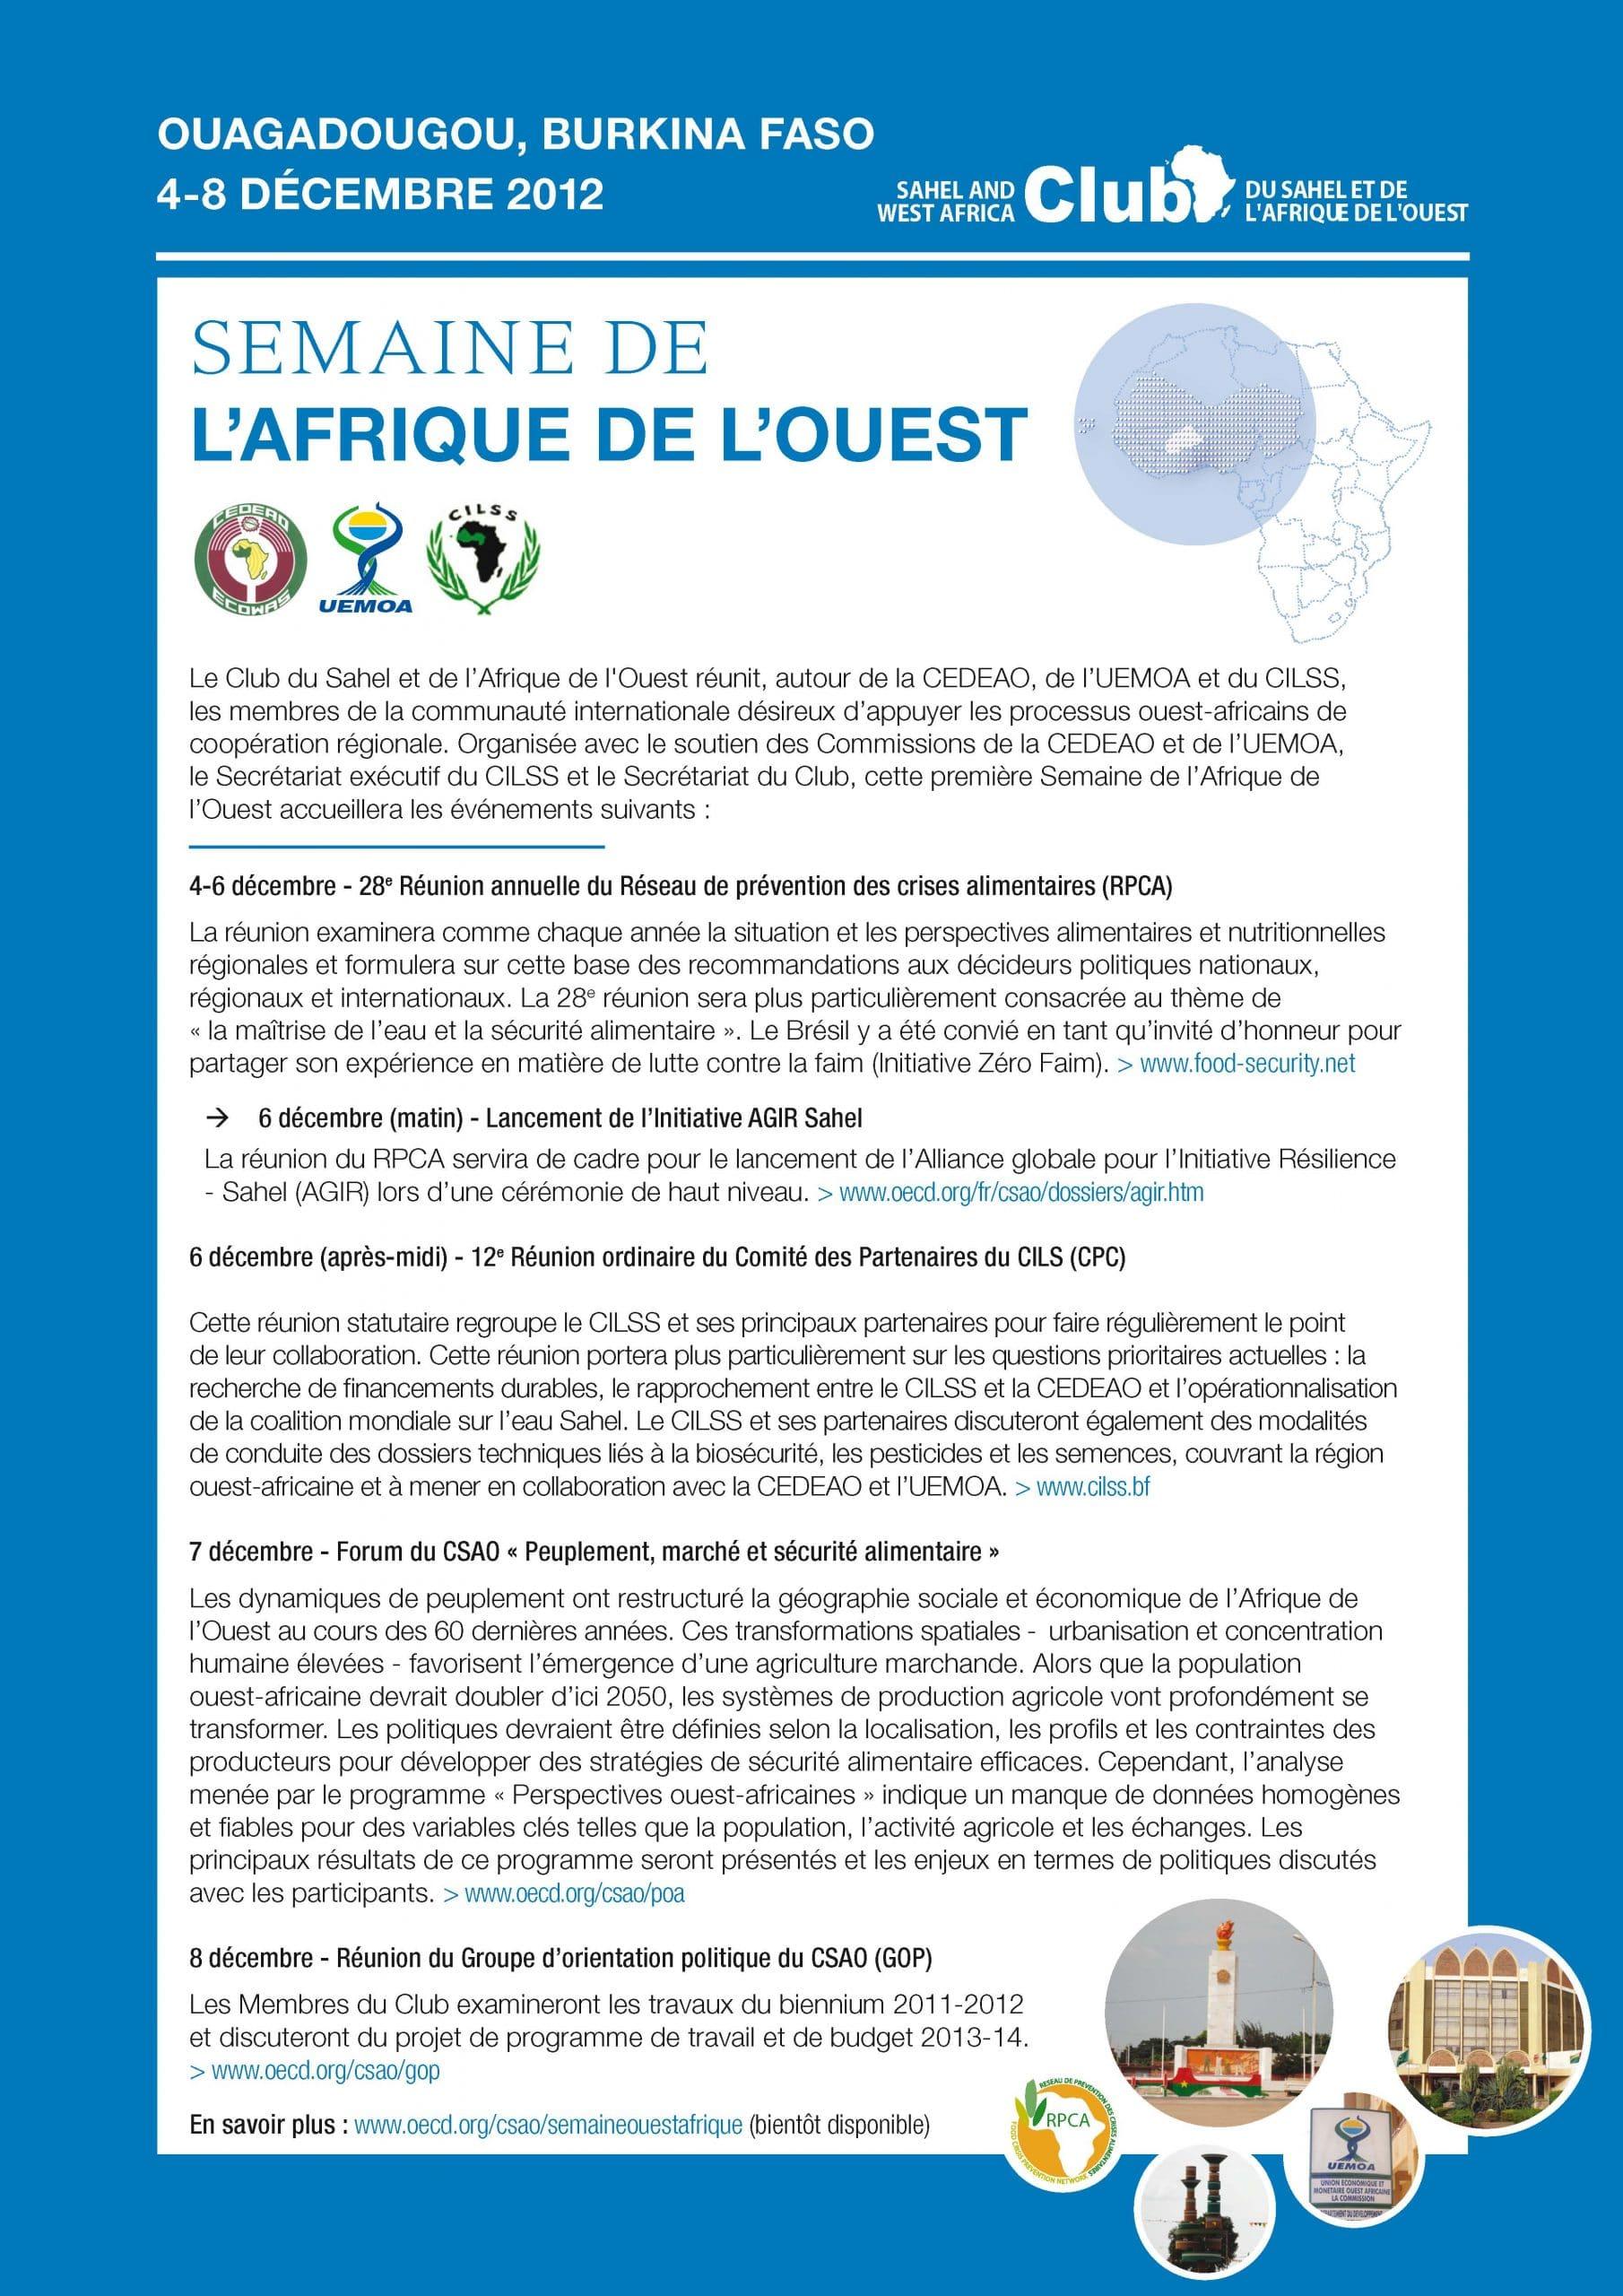 4-8 décembre 2012, Ouagadougou (Burkina Faso) : Semaine de l'Afrique de l'Ouest